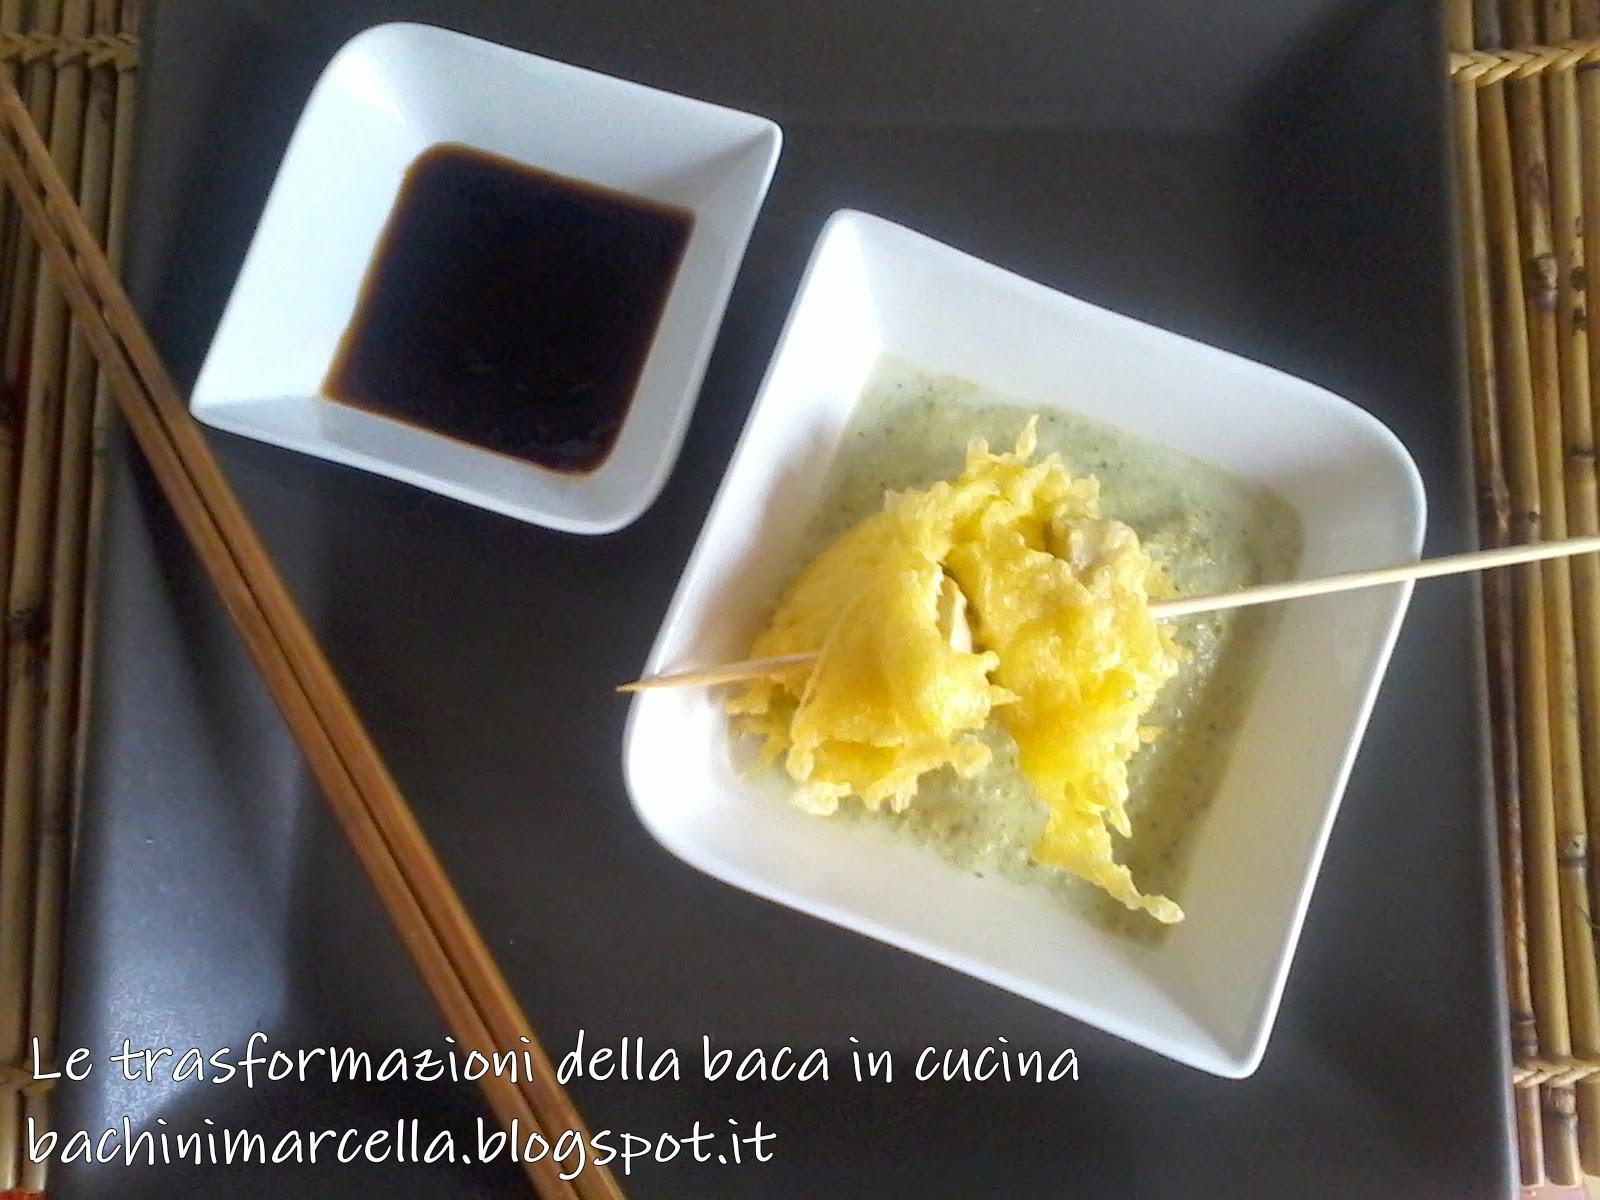 Fotografia del piatto crema di broccoli con tempura di tofu e salsa di soia dal blog Le Trasformazioni della Baca in Cucina